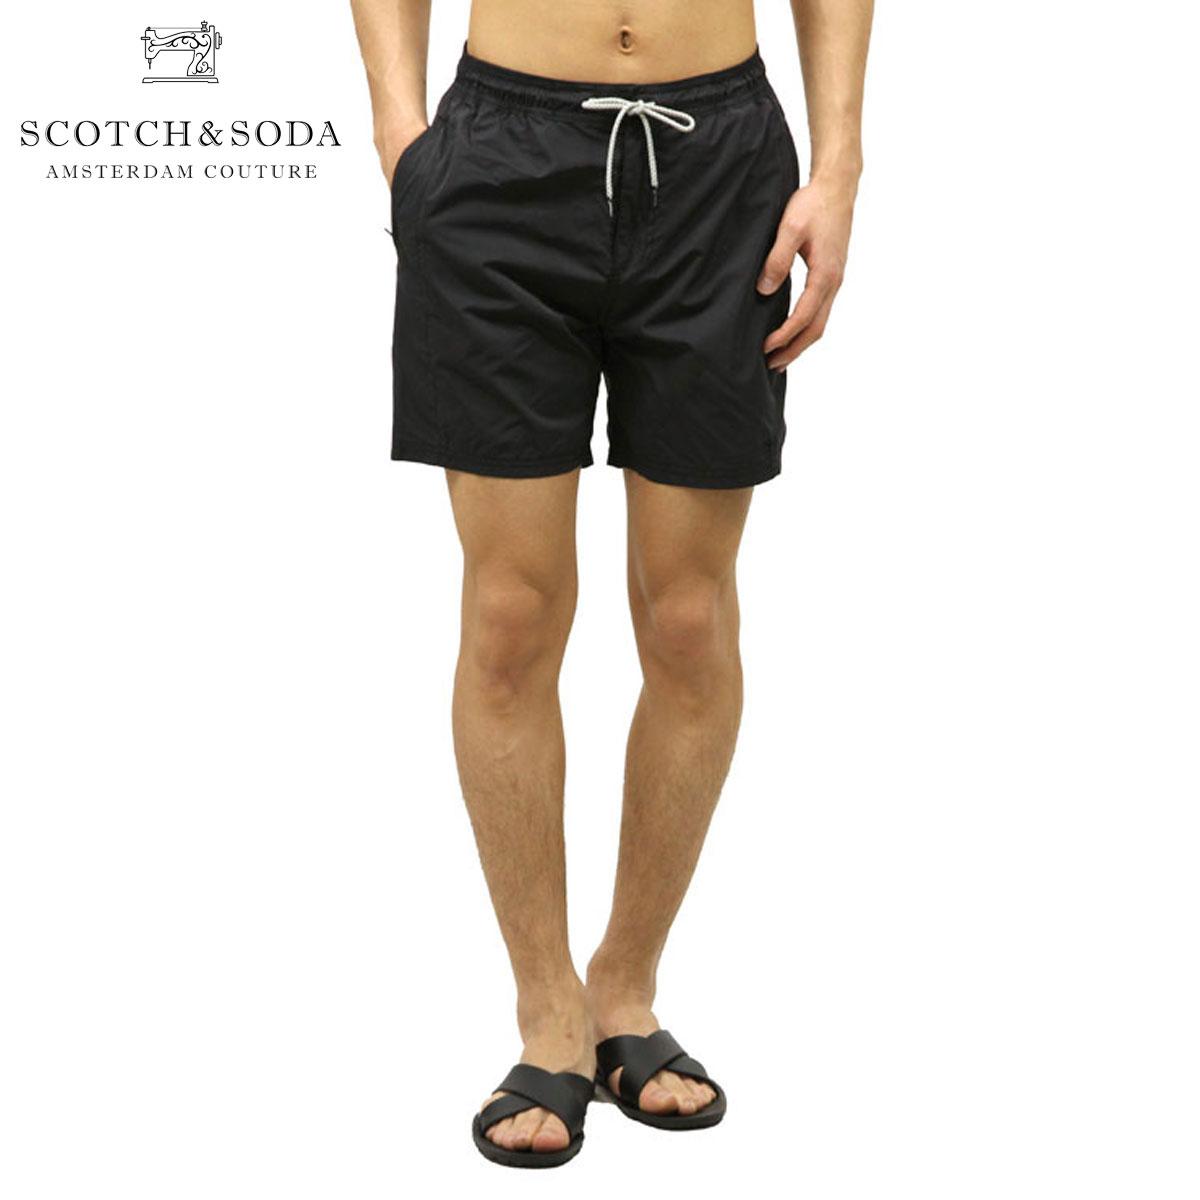 スコッチアンドソーダ SCOTCH&SODA 正規販売店 メンズ スイムパンツ SEWN WAISTBAND SWIM SHORT 136696 0008 BLACK